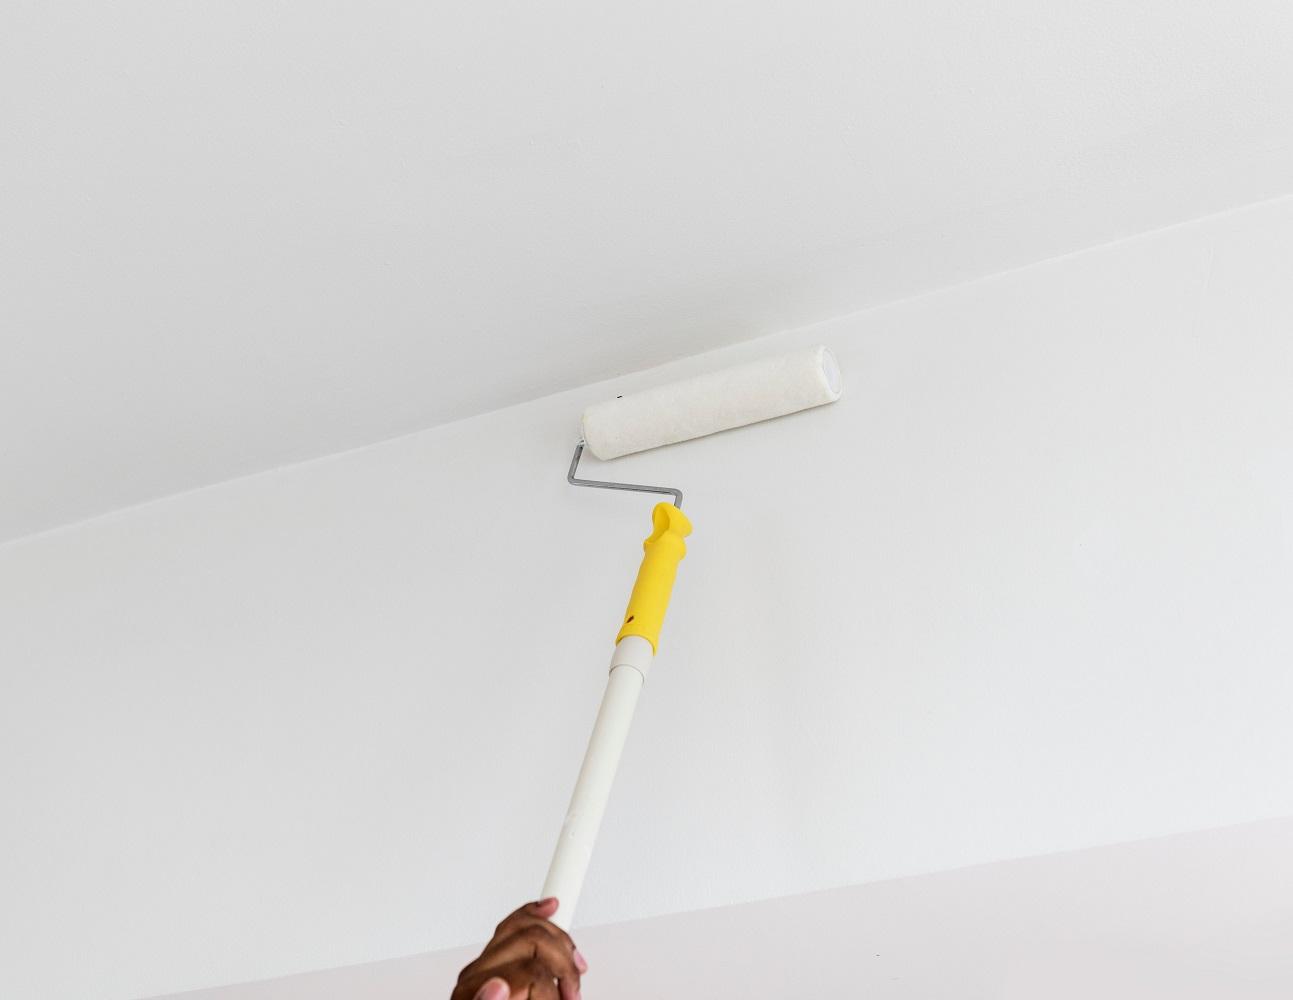 Bekend Streeploos plafond schilderen met spacklatex - Verfwebwinkel.nl DX62